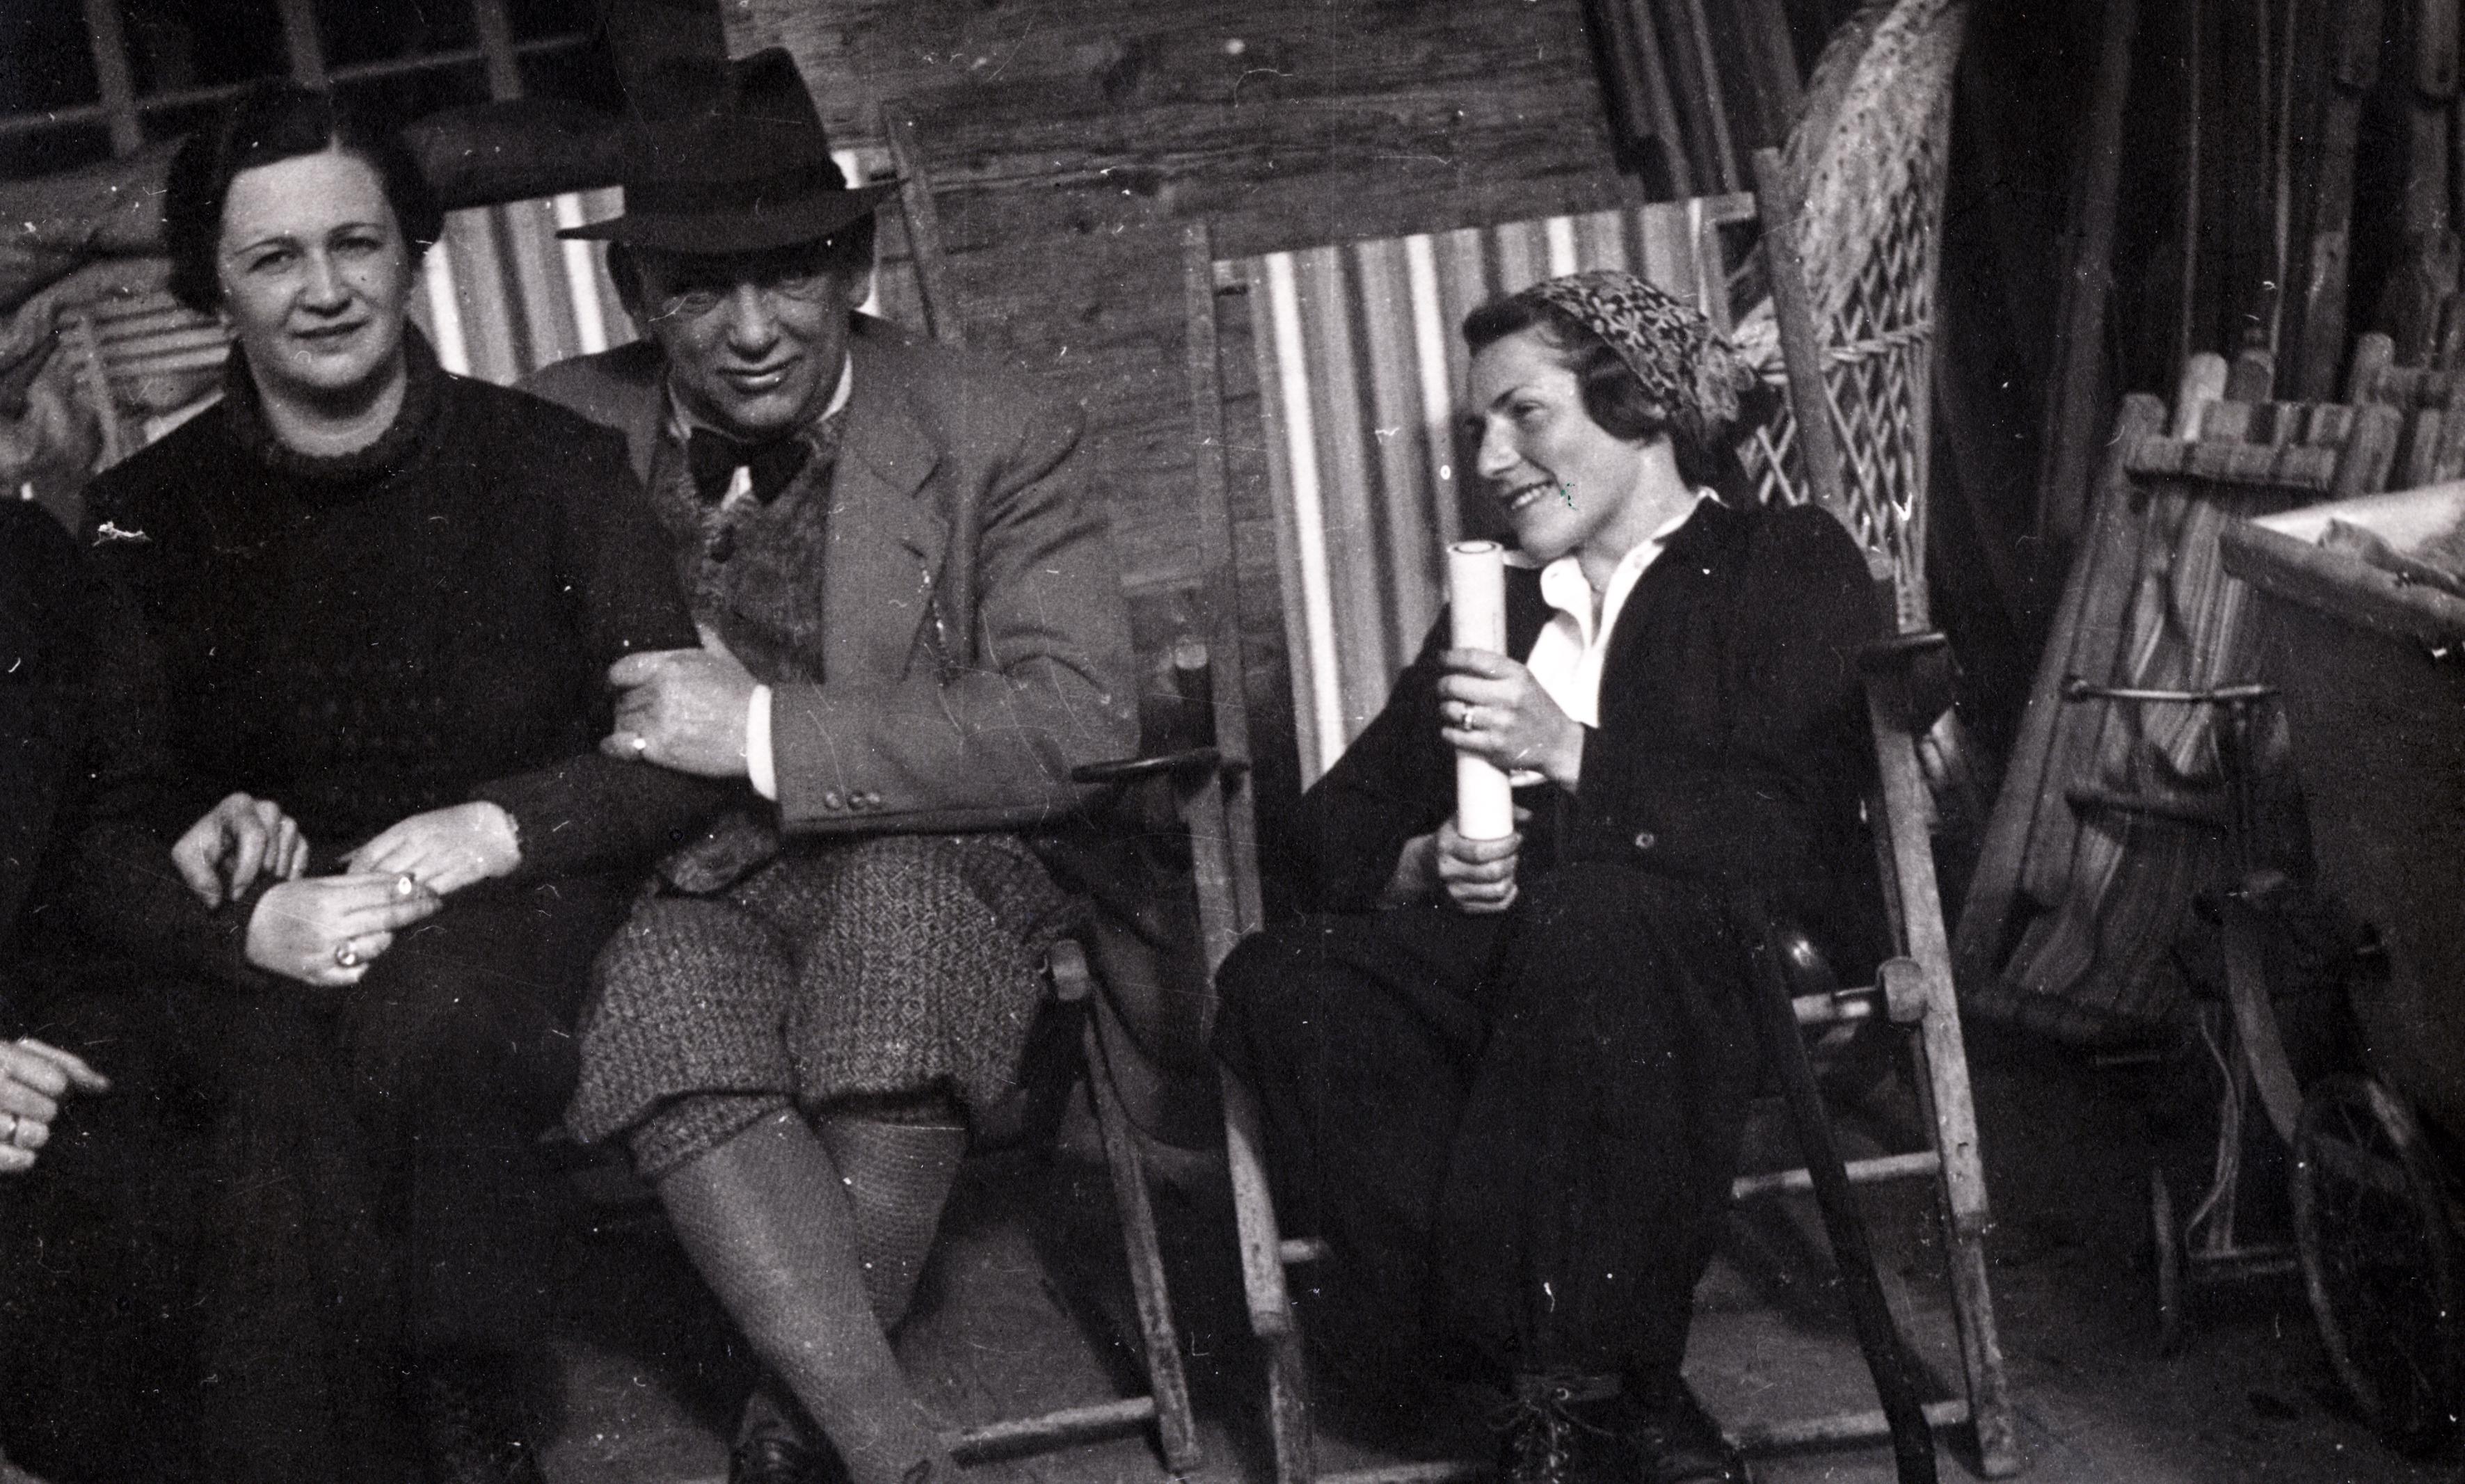 Lotty mit ihrem Schwiegervater Albert Smolka und einer Unbekannten